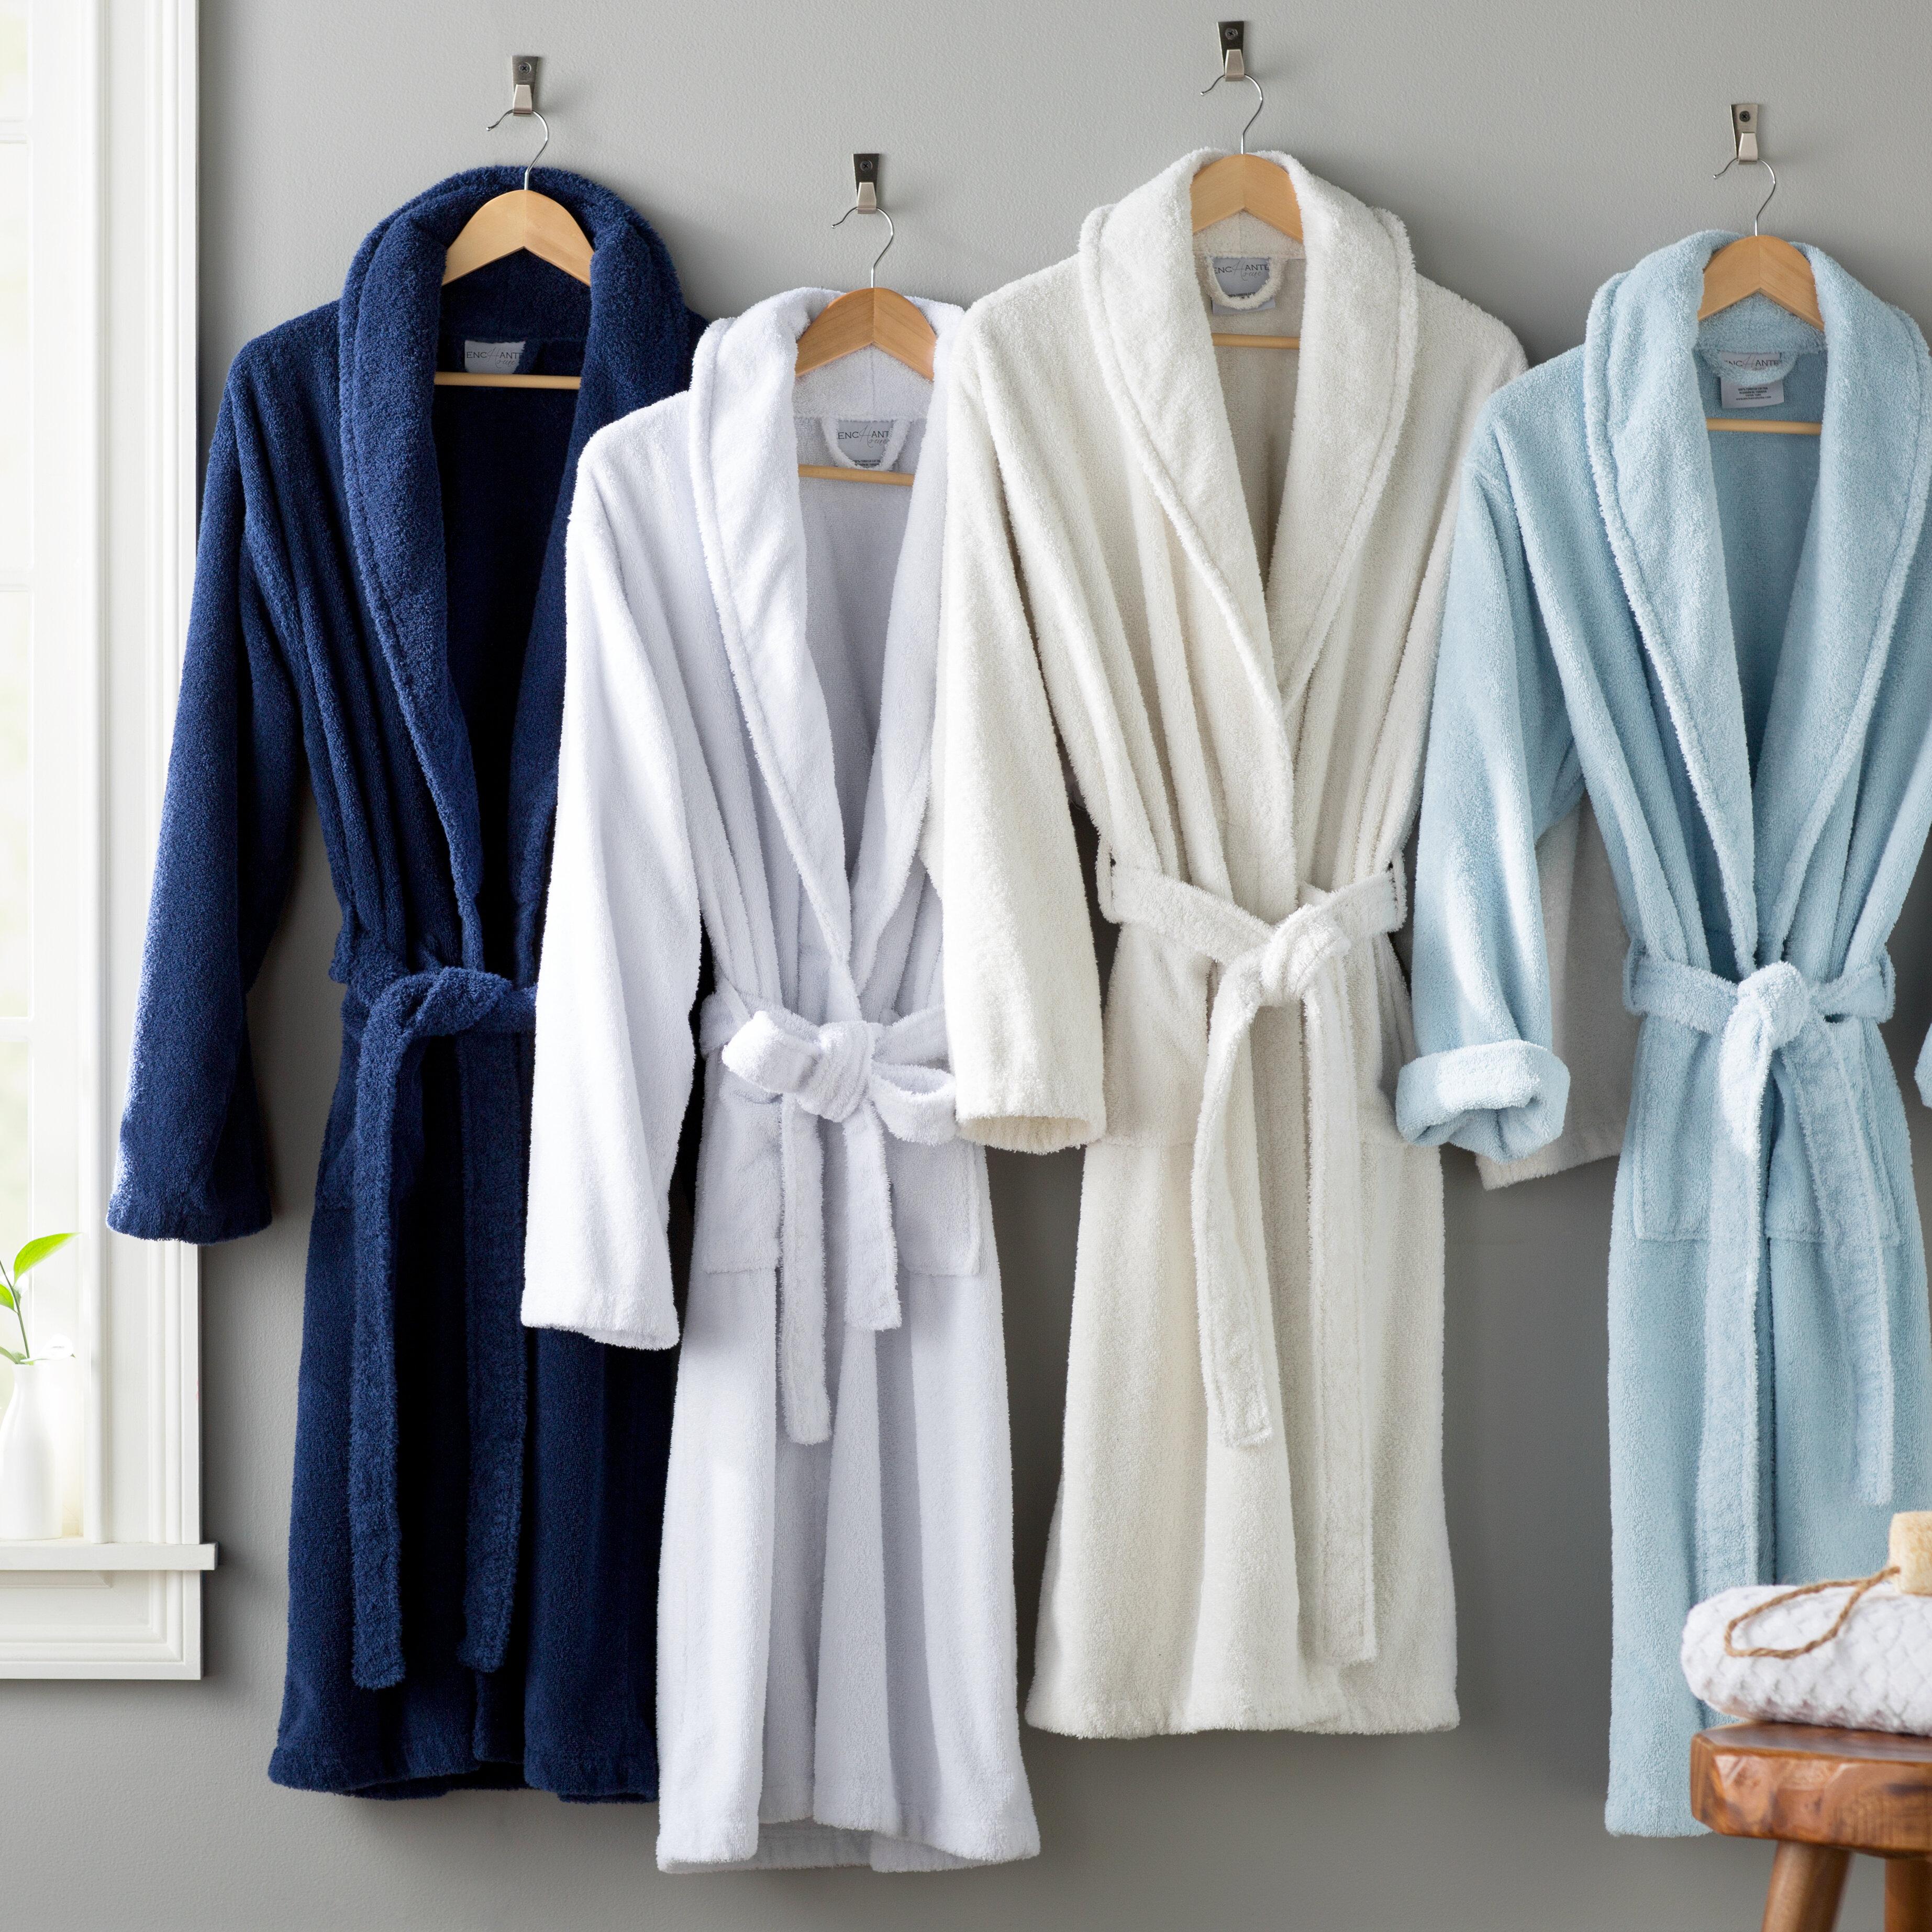 The Twillery Co Burroughs Kimono 100 Turkish Cotton Terry Cloth Bathrobe Reviews Wayfair